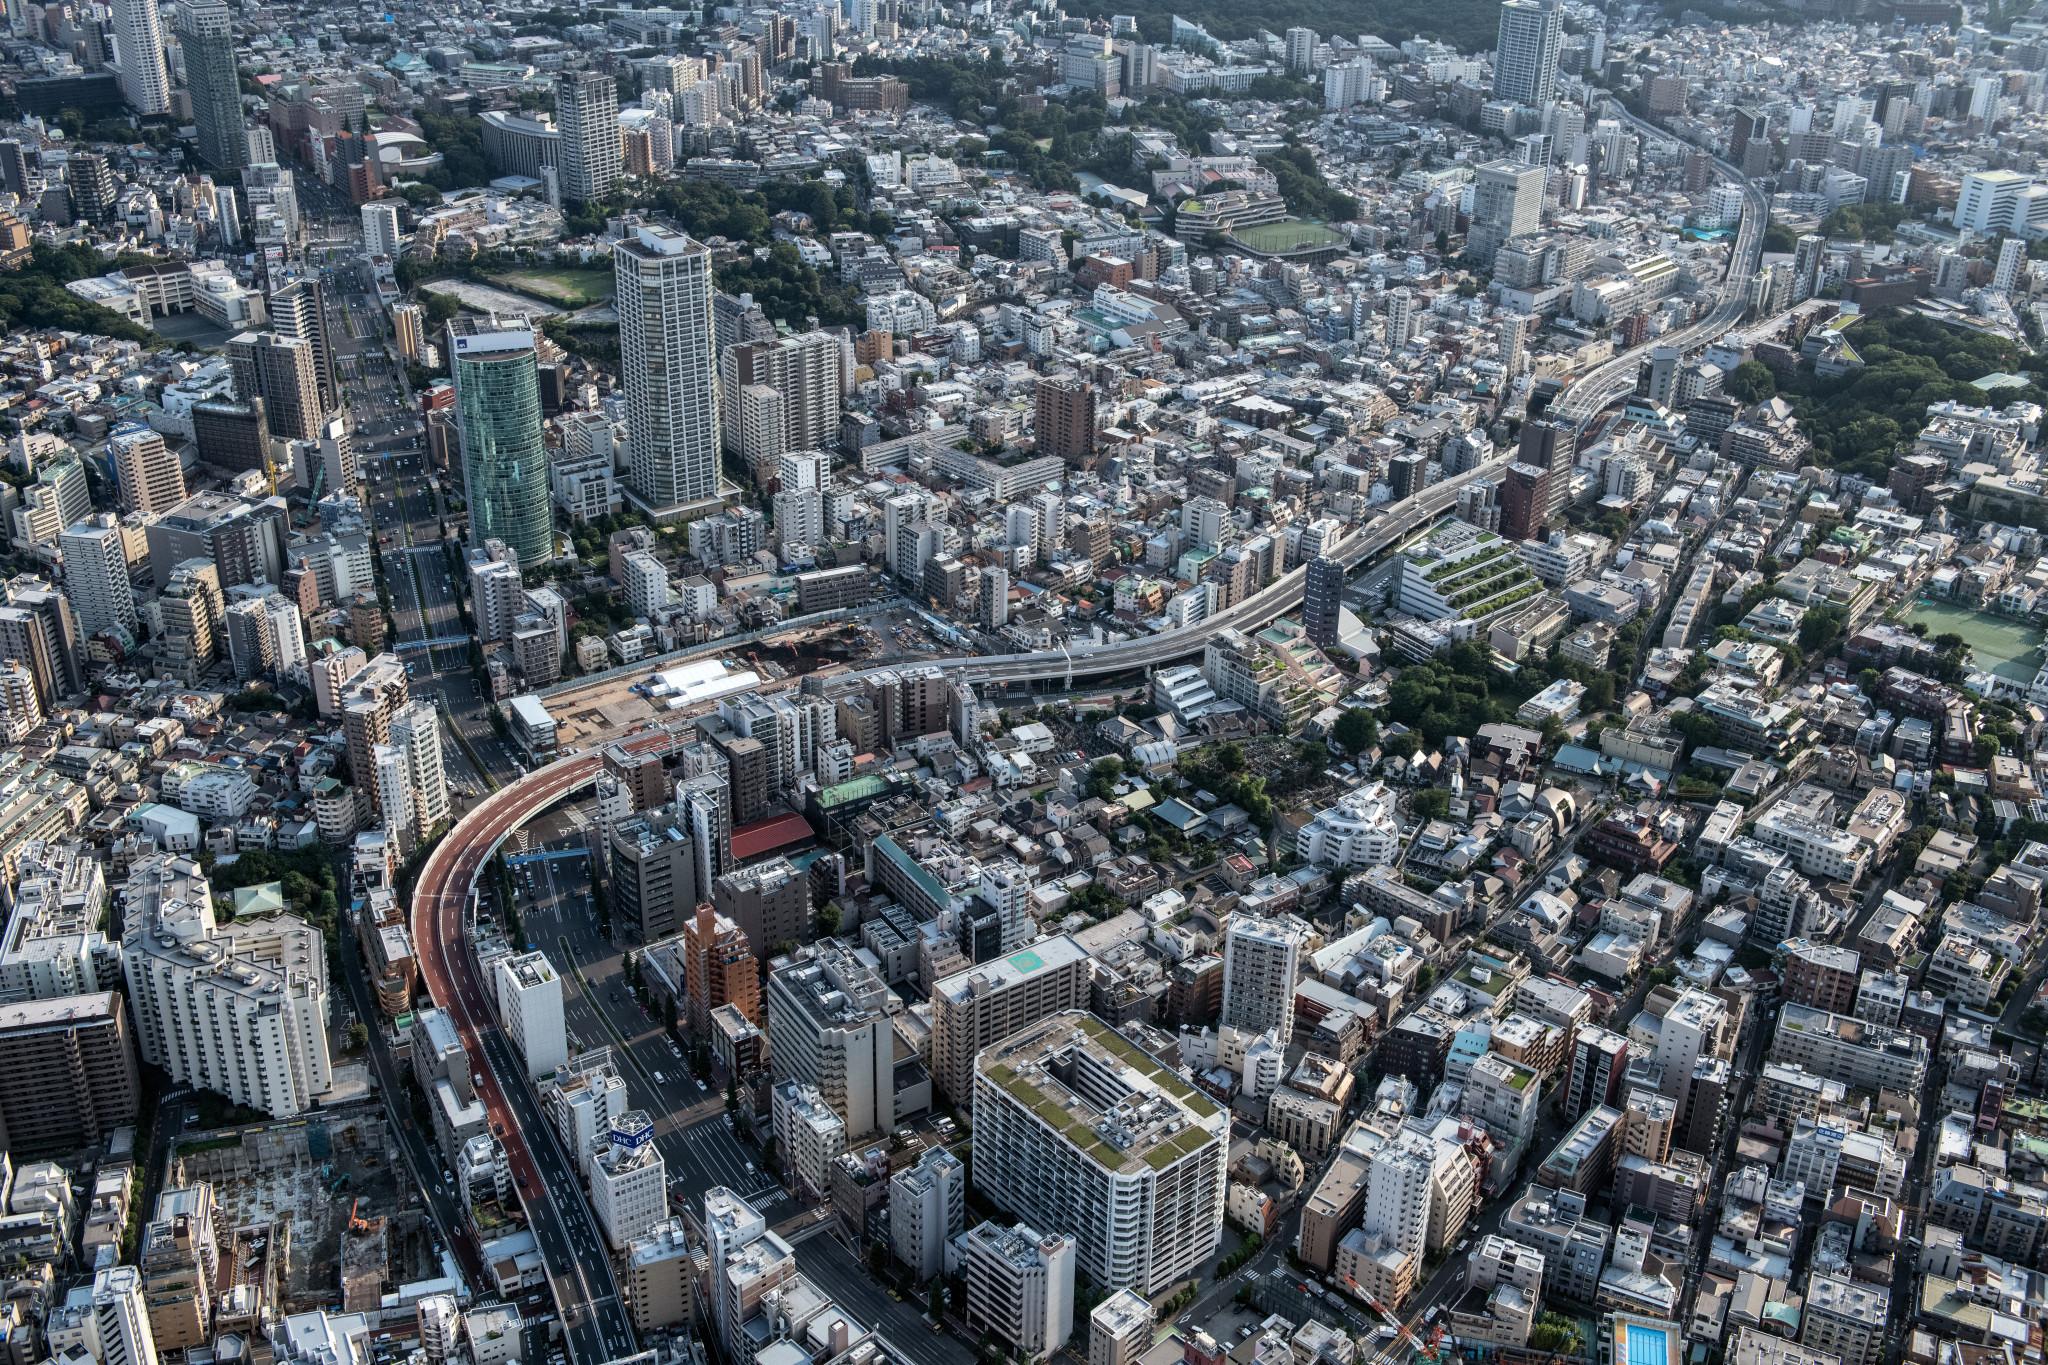 Huge traffic test held as part of bid to avoid Tokyo 2020 congestion